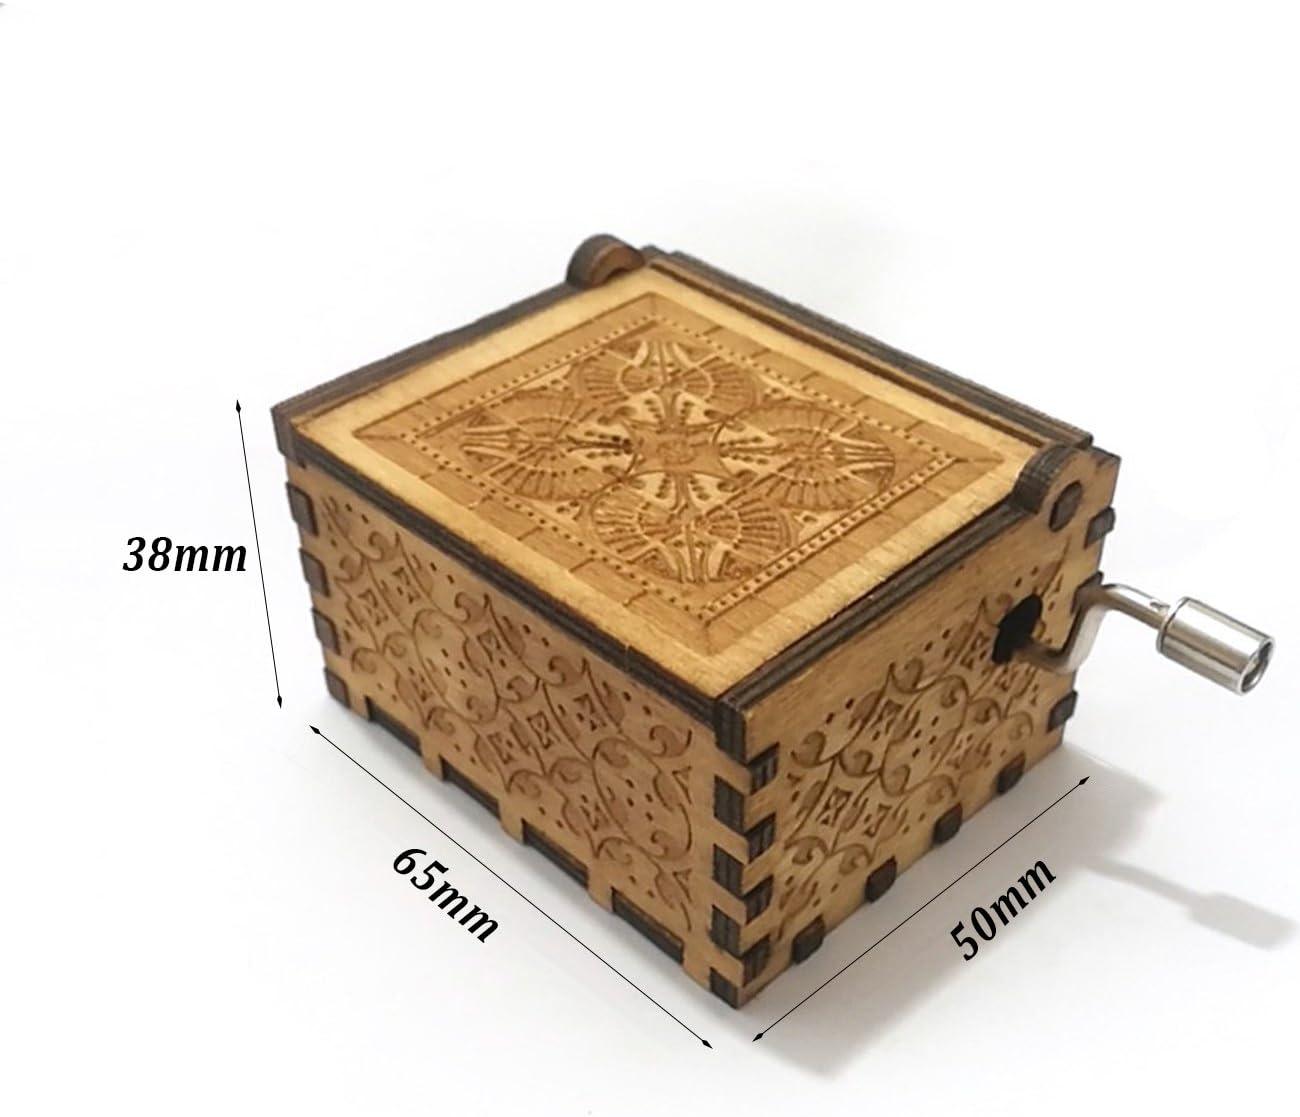 Funmo Reine Hand Klassischen Star Wars Musik Box Hand Hölzerne Spieluhr Kreative Holz Handwerk Amazon De Küche Haushalt